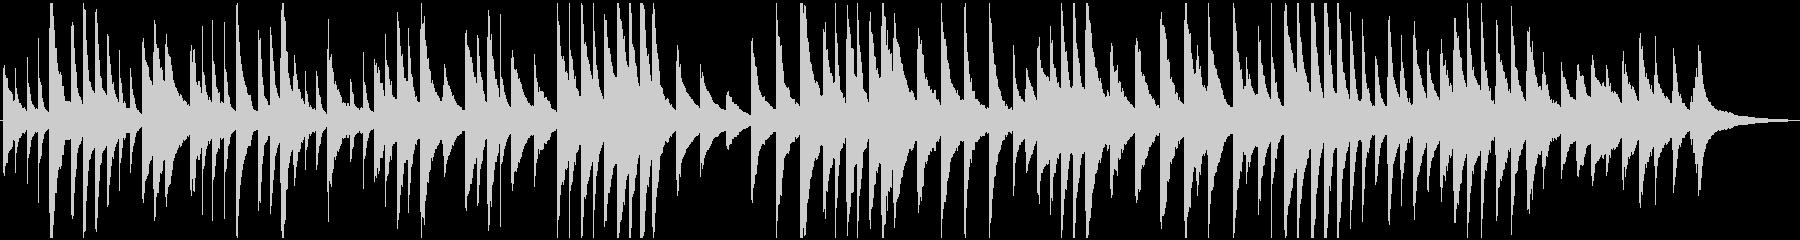 静かで落ち着いたリズムのピアノ曲の未再生の波形